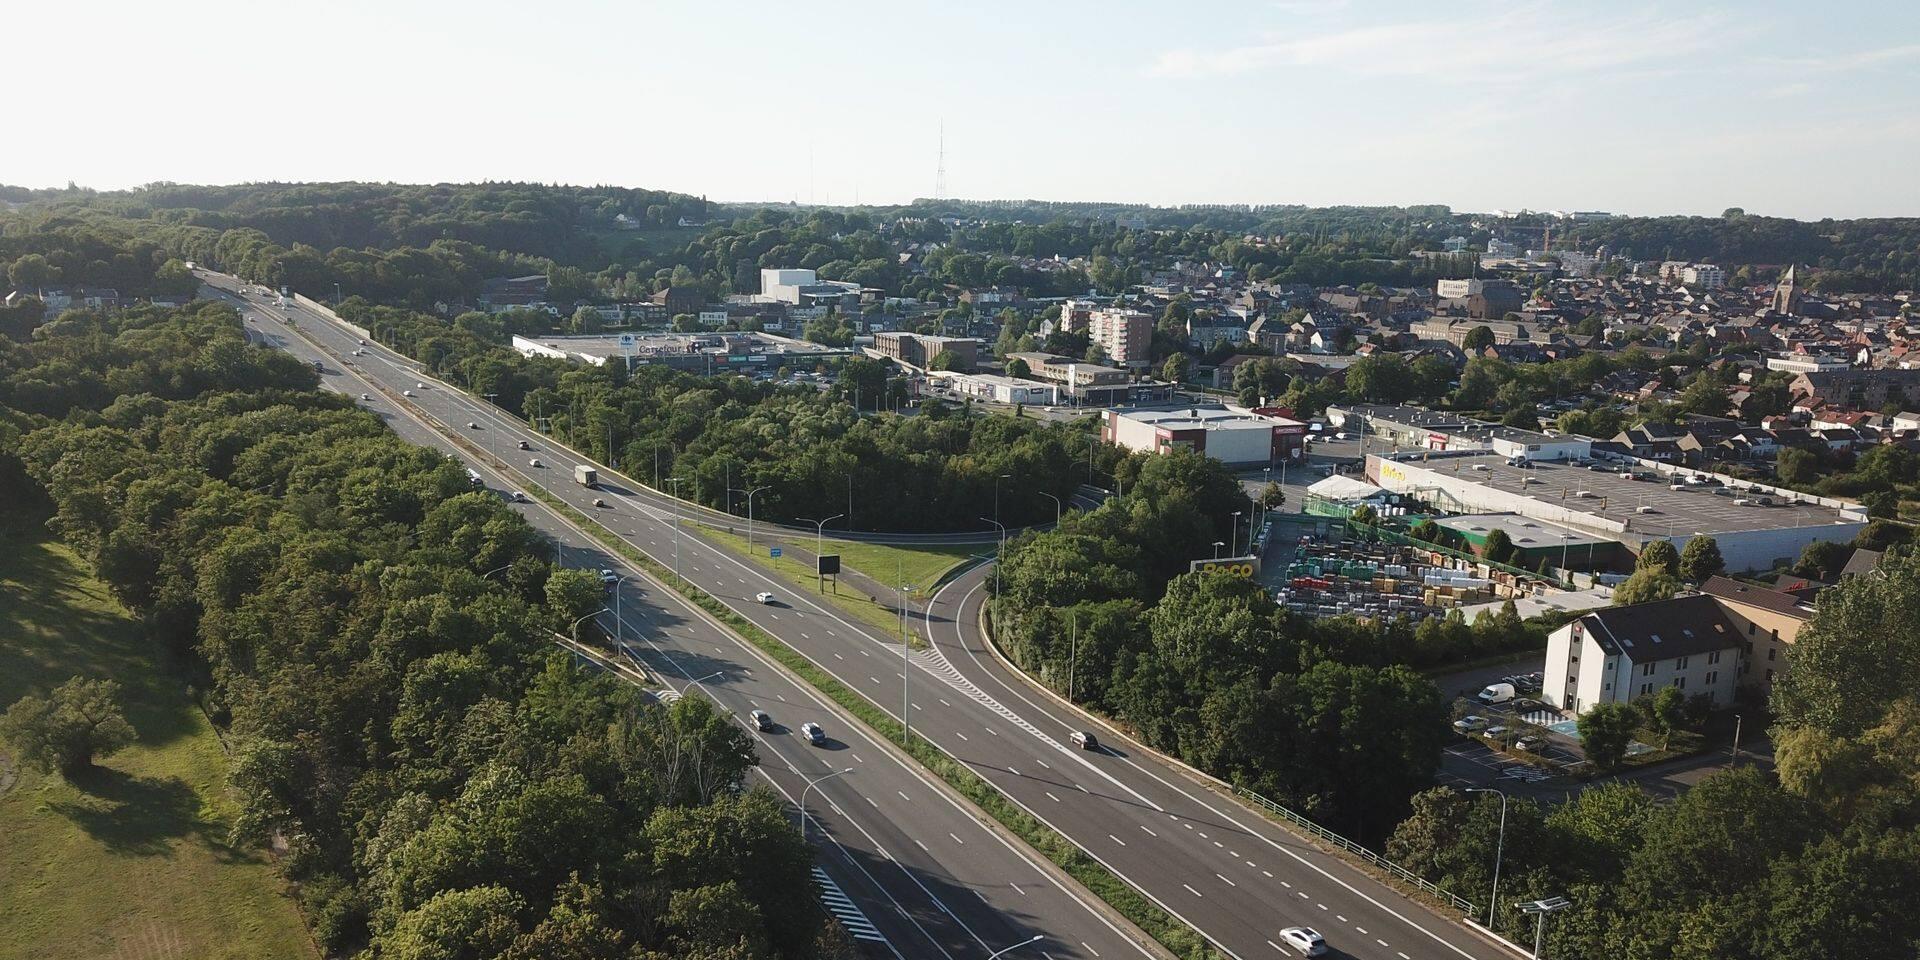 Les Wavriens gênés par les nuisances sonores du trafic routier, surtout près des grands axes